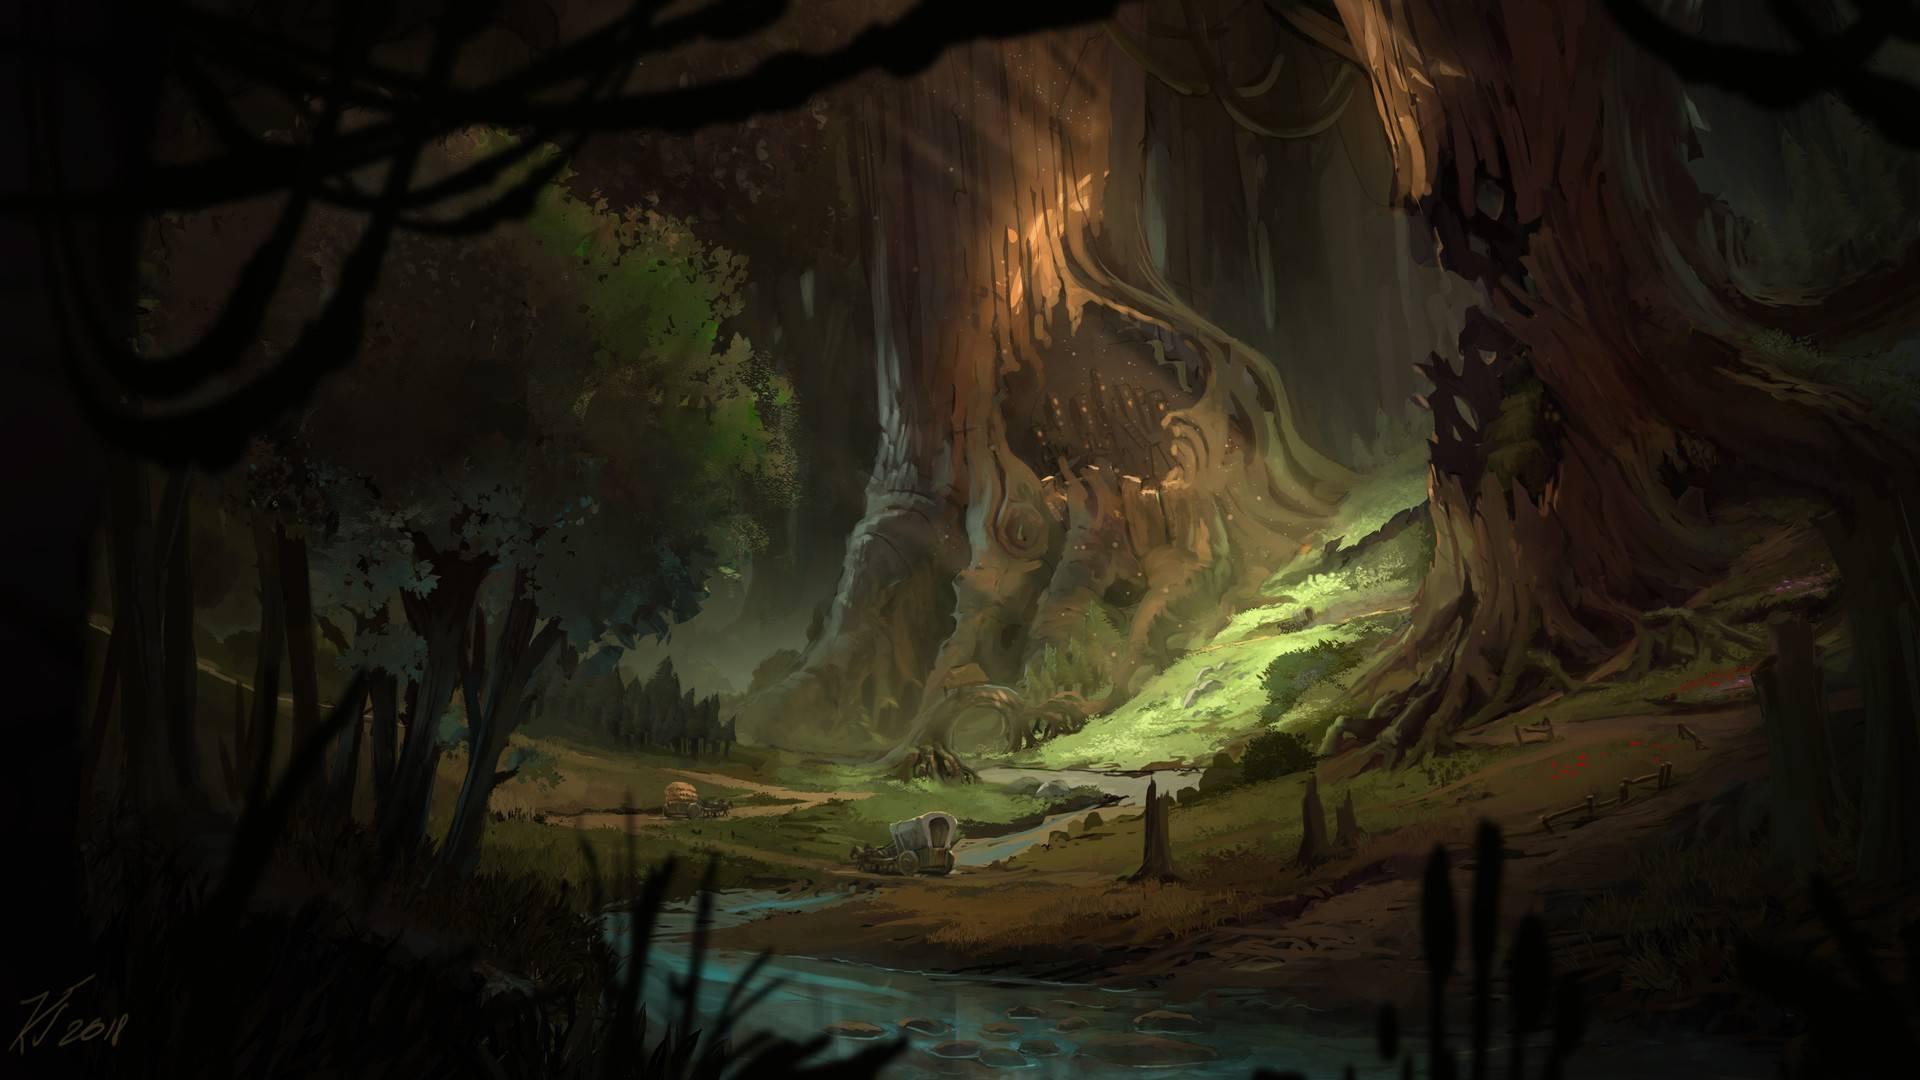 Прохождение побочных миссий в the bard's tale 4 | руководства по прохождению the bard's tale iv